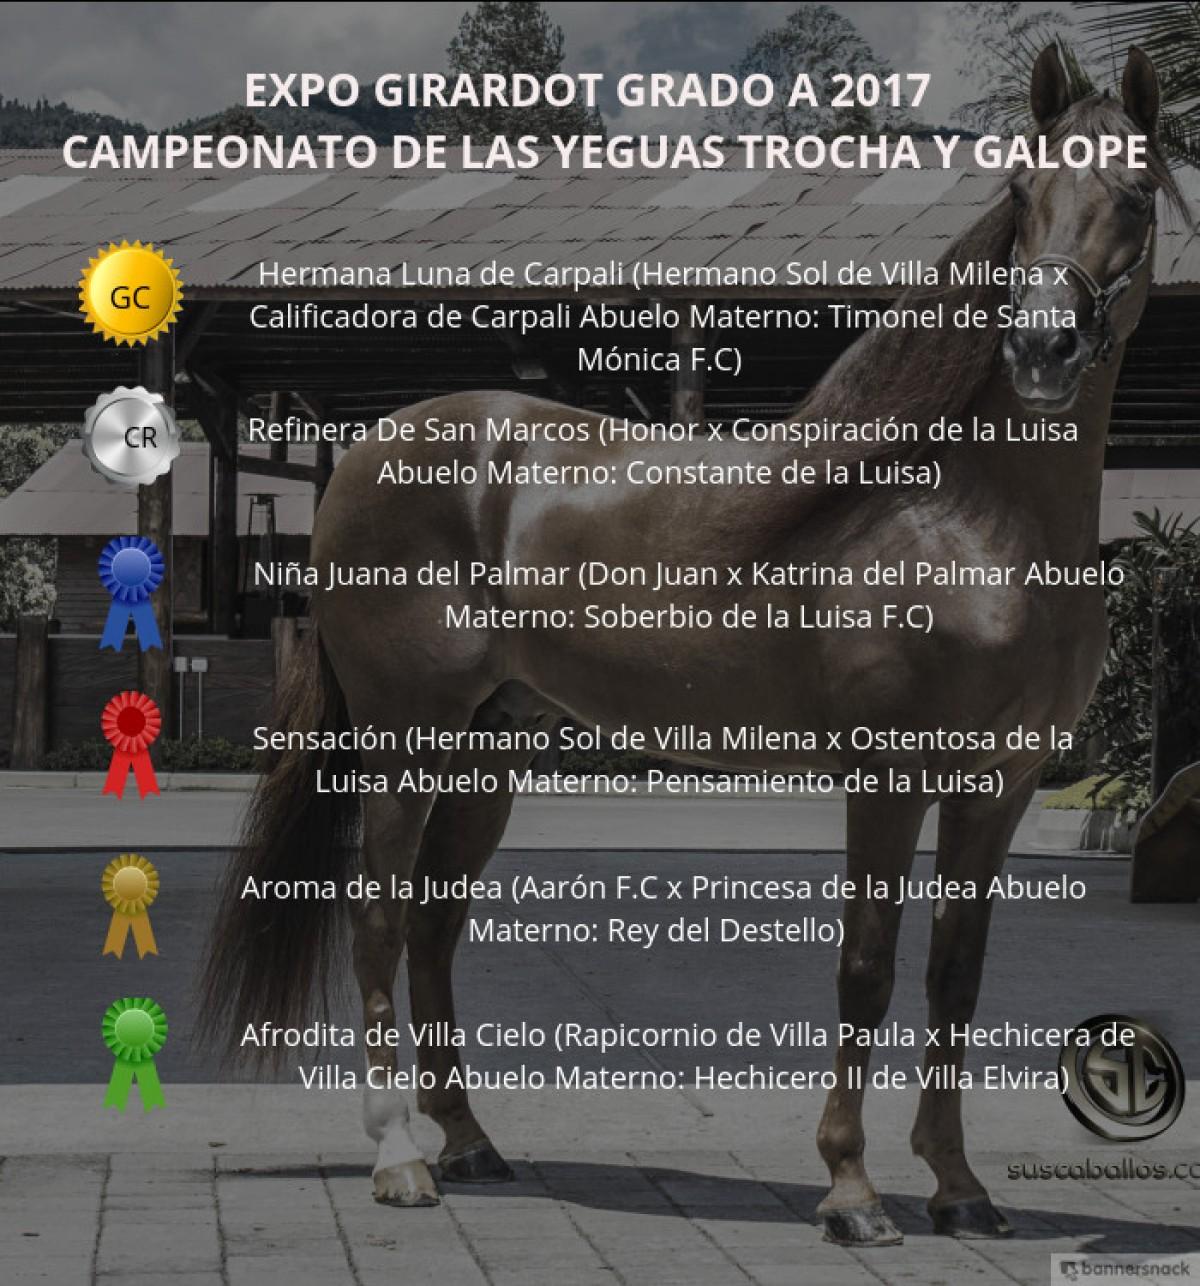 VÍDEO: Hermana Luna Campeona, Refinera Reservada, Trocha y Galope, Expo Girardot